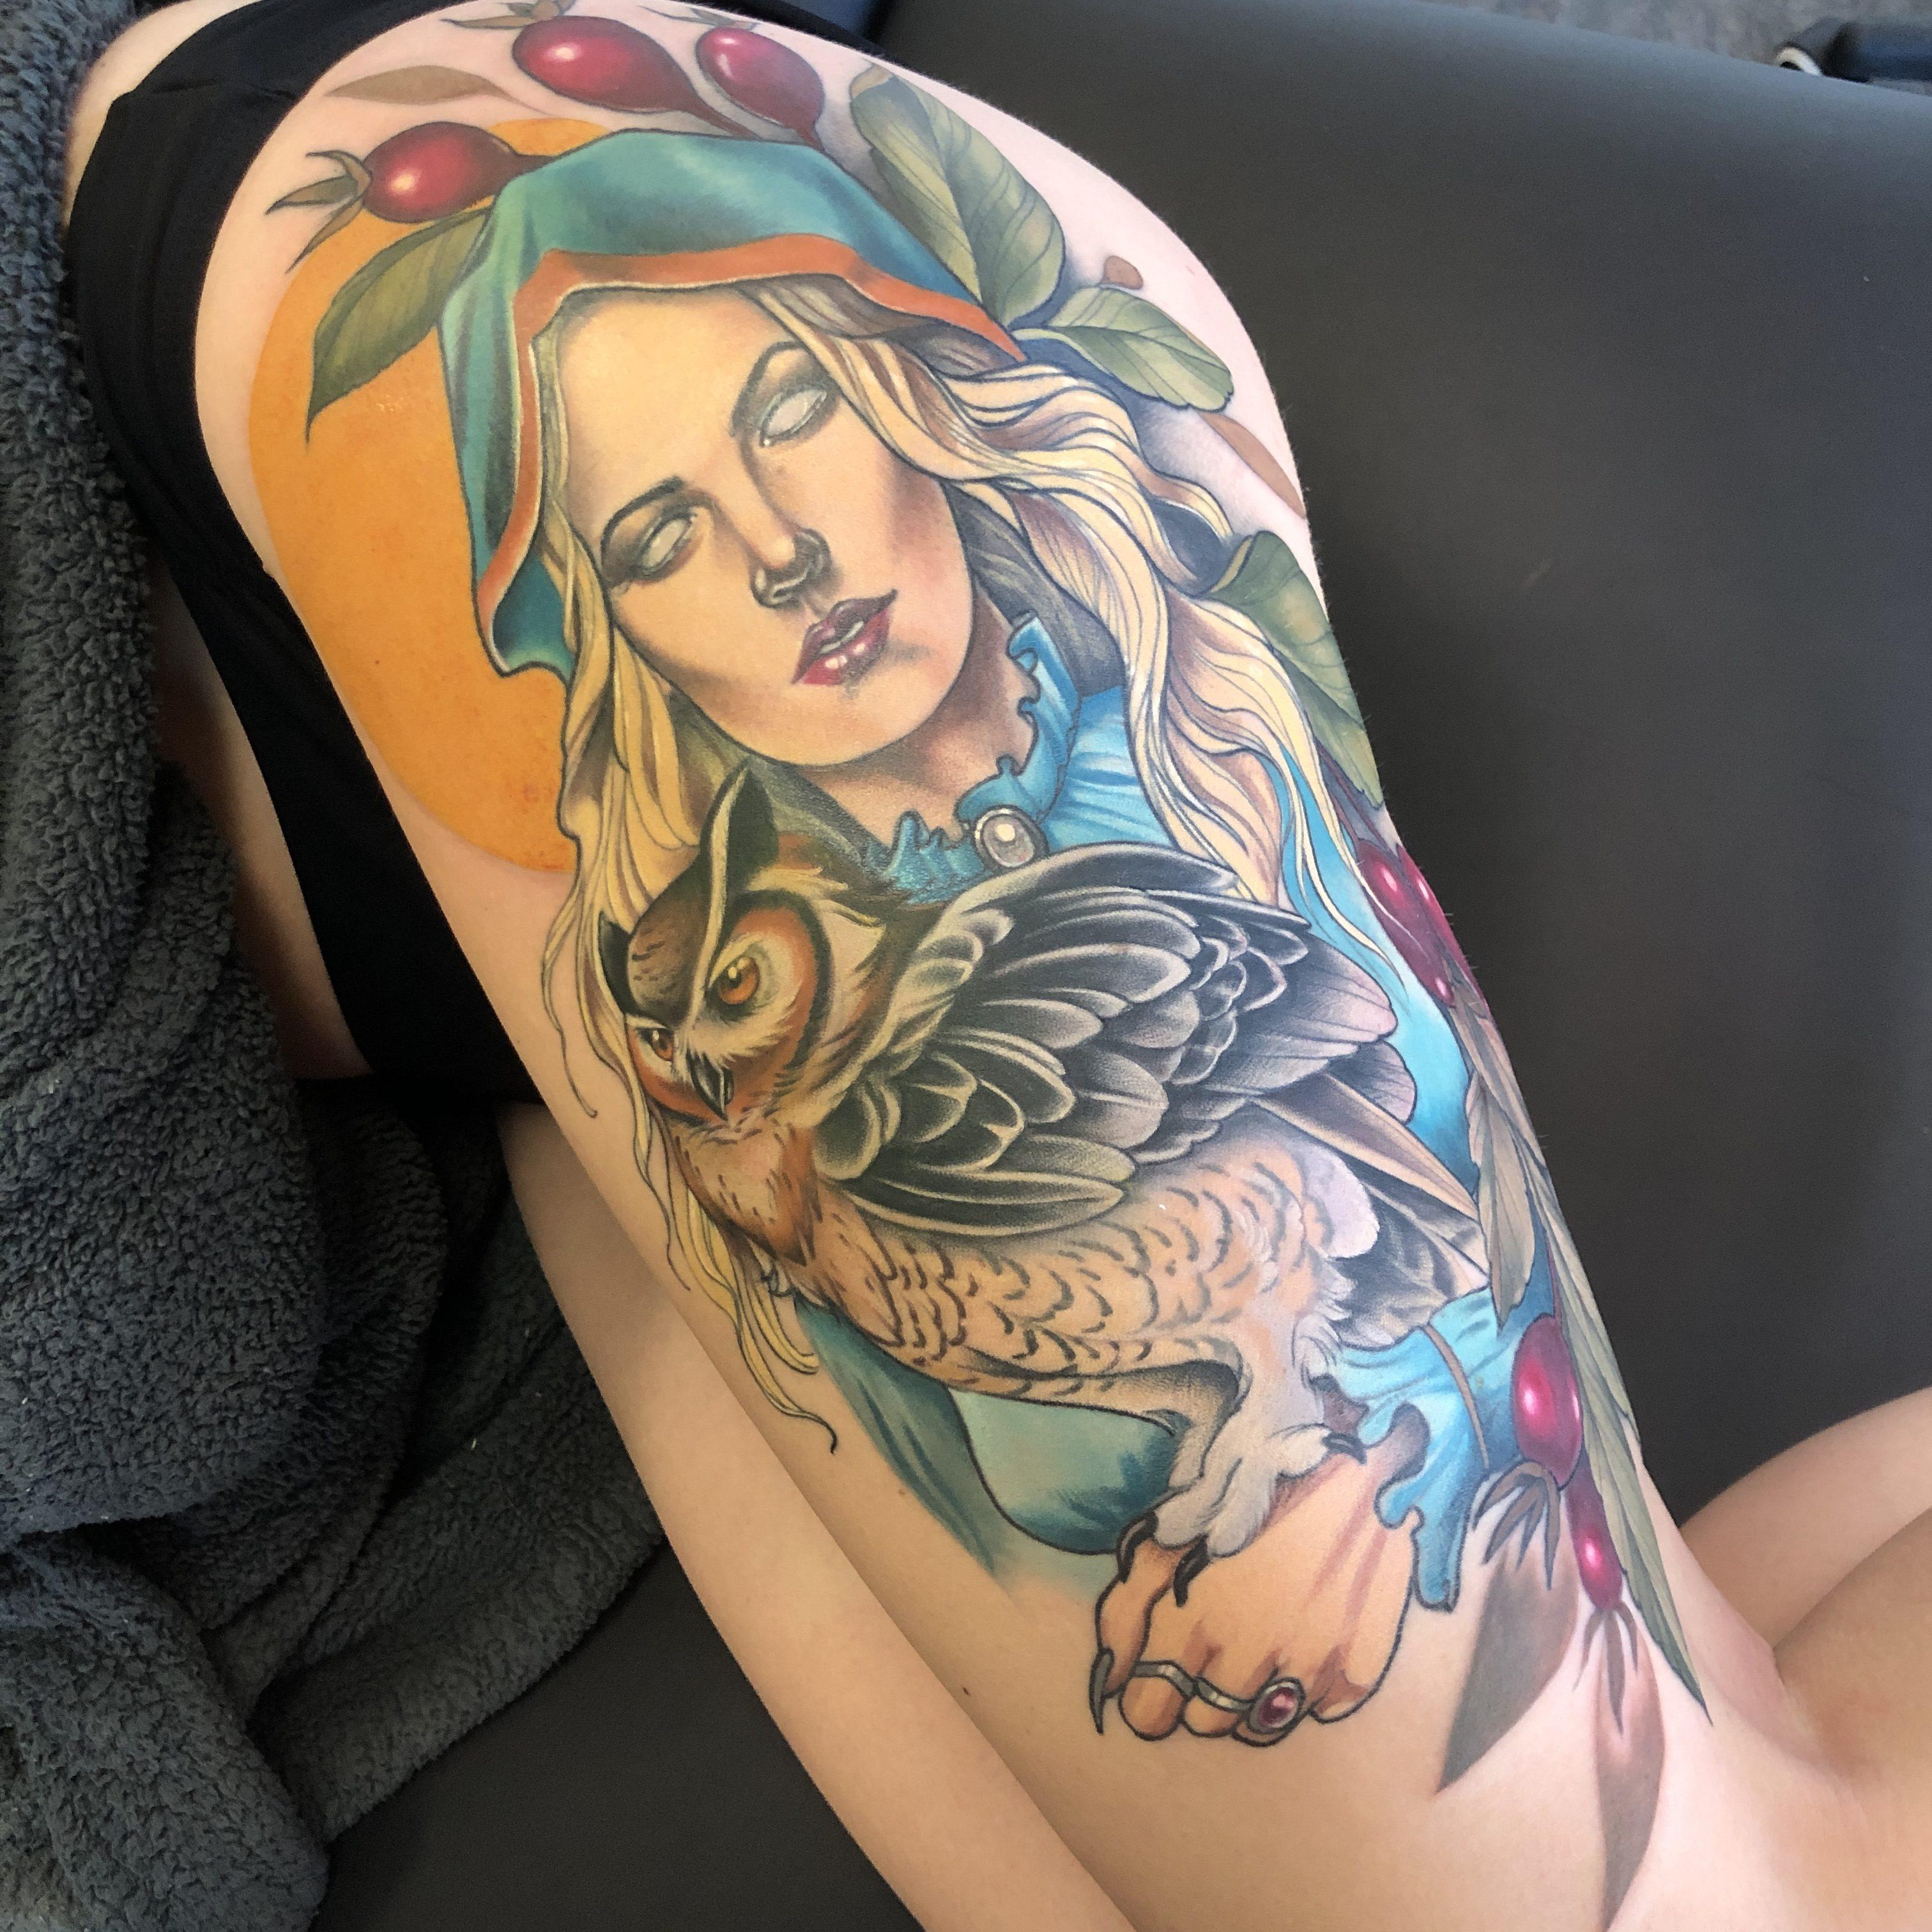 Jessie Grant Tattoo 2019 Okanagan Tattoo Show & Brewfest Artist